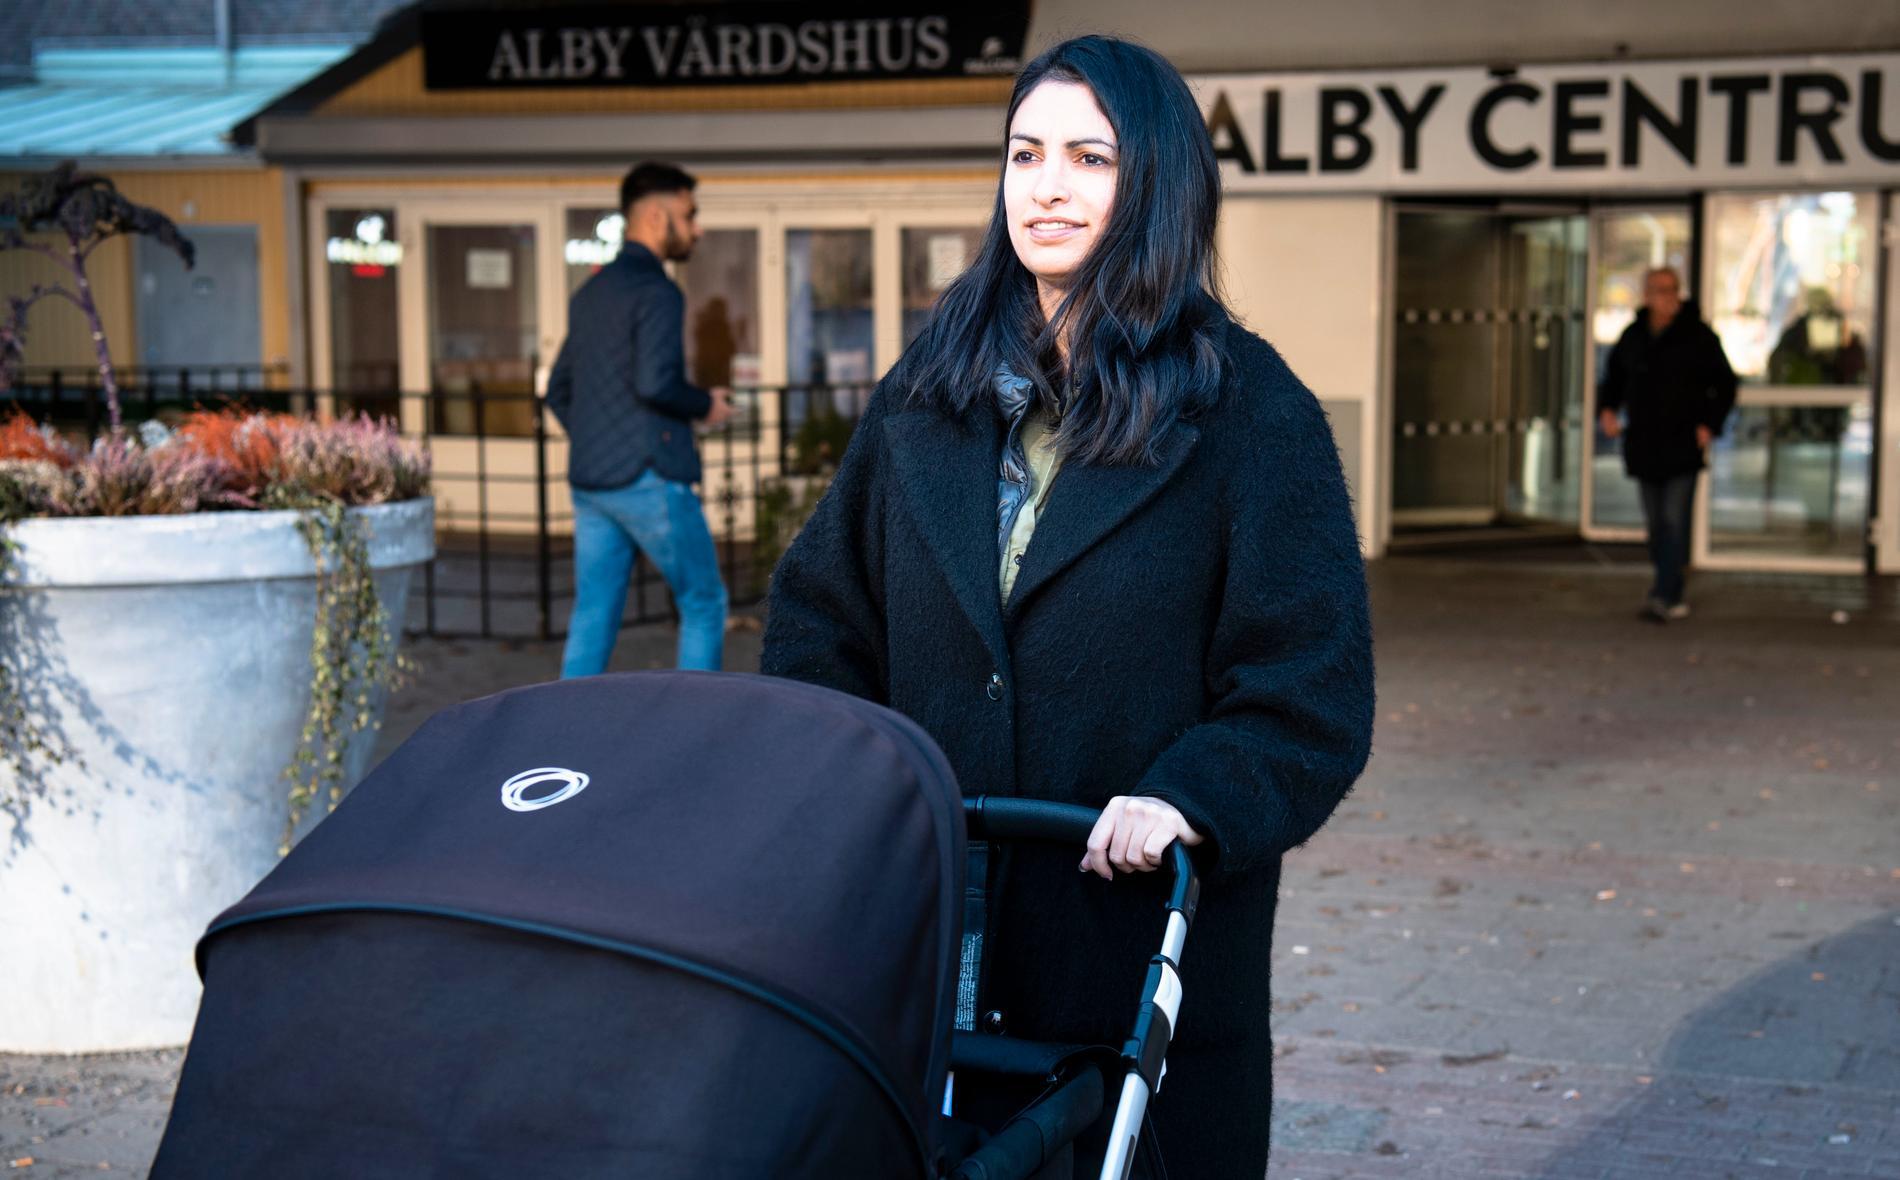 Nooshi Dadgostar i Alby där hon blev känd som förkämpe mot planerade lägenhetsförsäljningar.